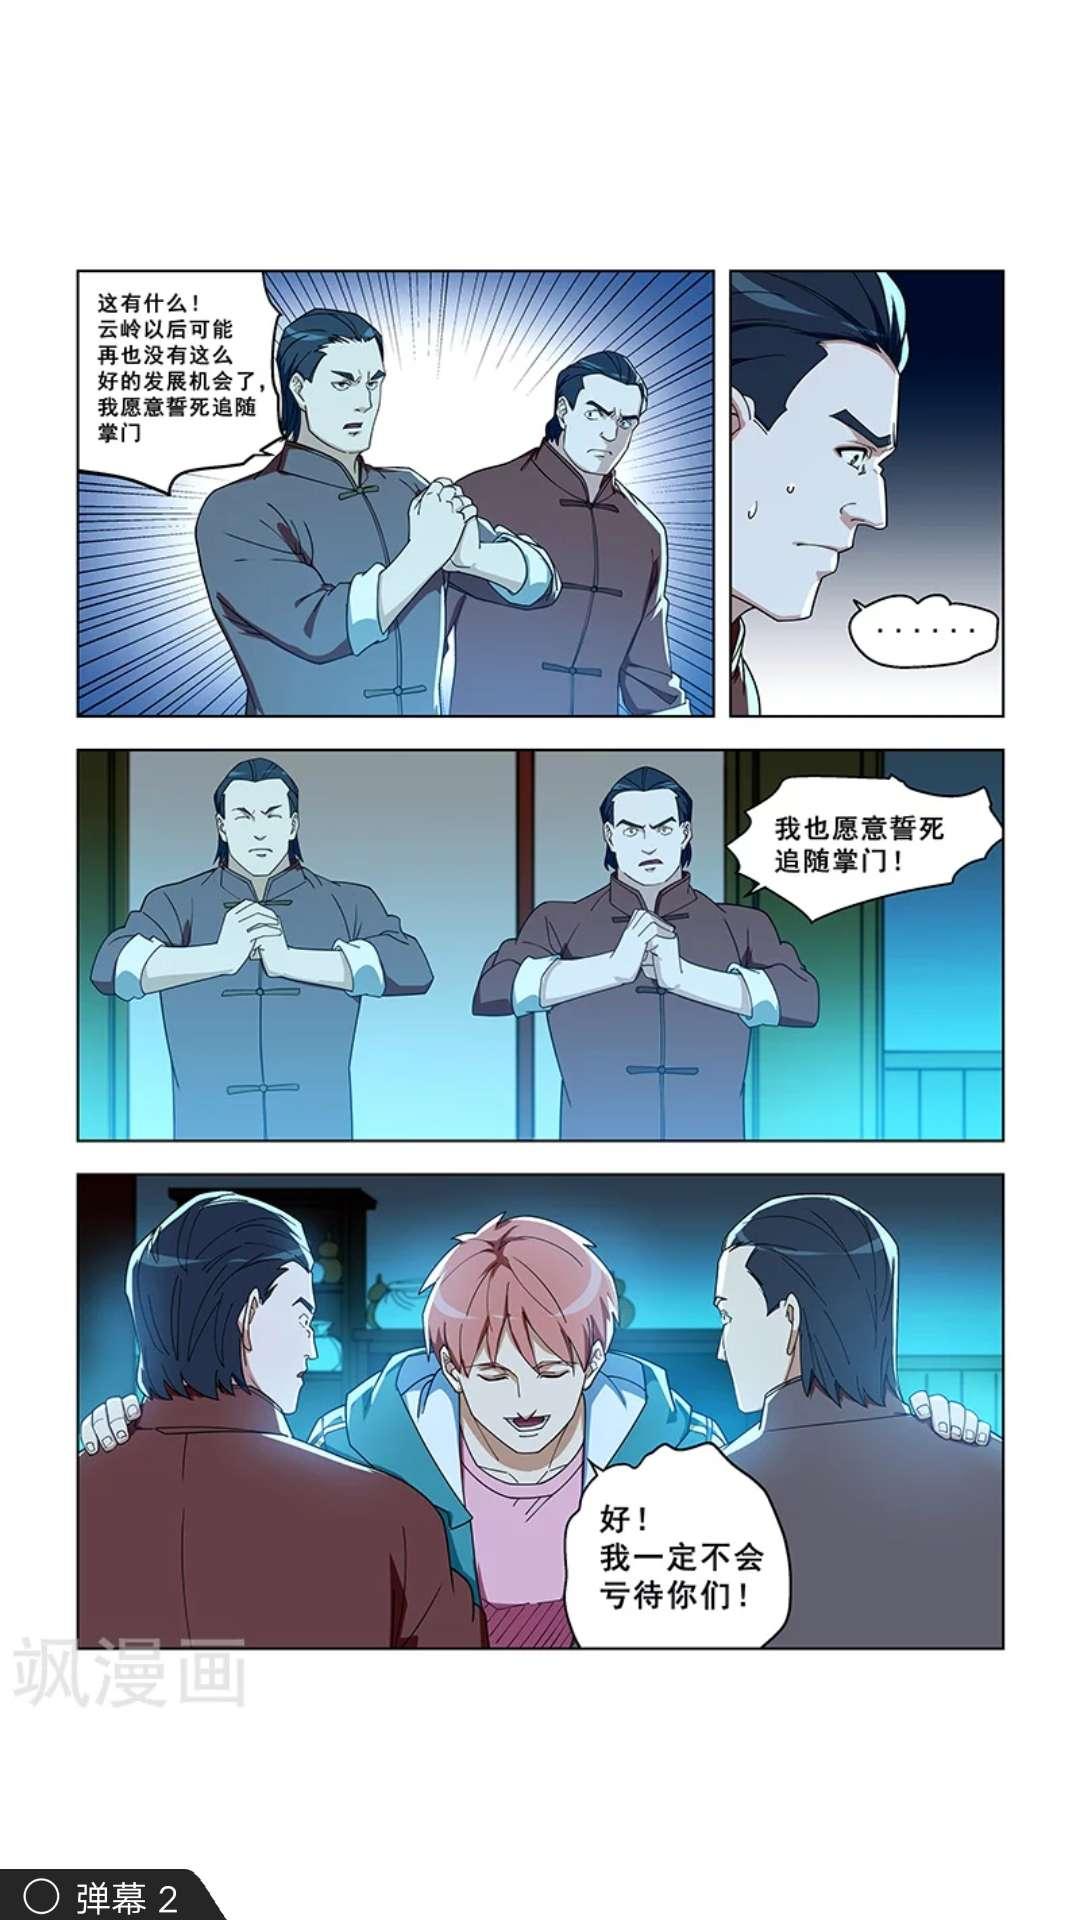 【漫画更新】姻缘宝典~